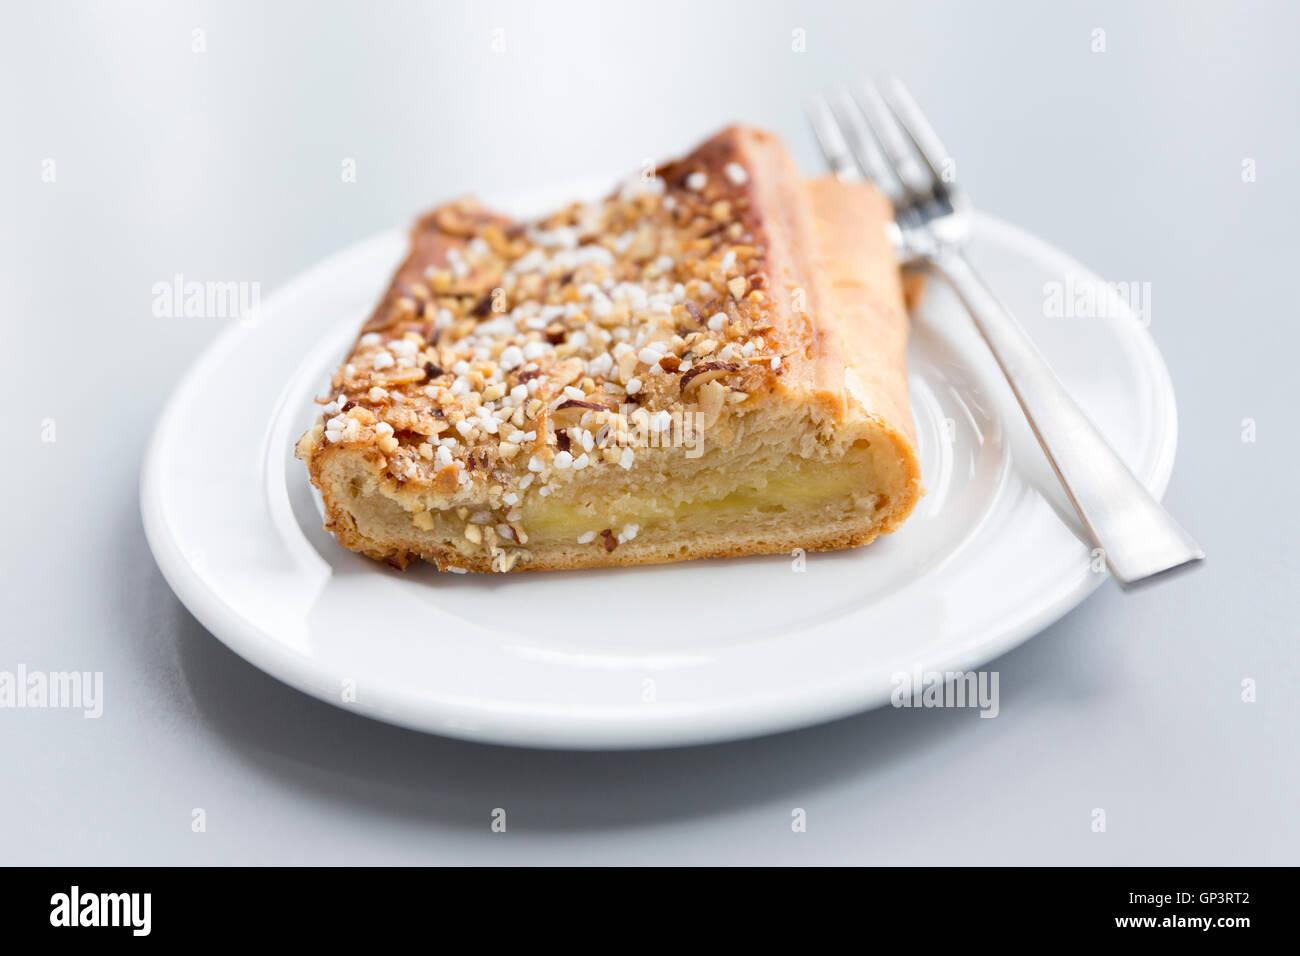 Pastas danesas sobre placa blanca con horquilla - dulce tradicional tarta de manzana con nueces y azúcar, especialidad Imagen De Stock